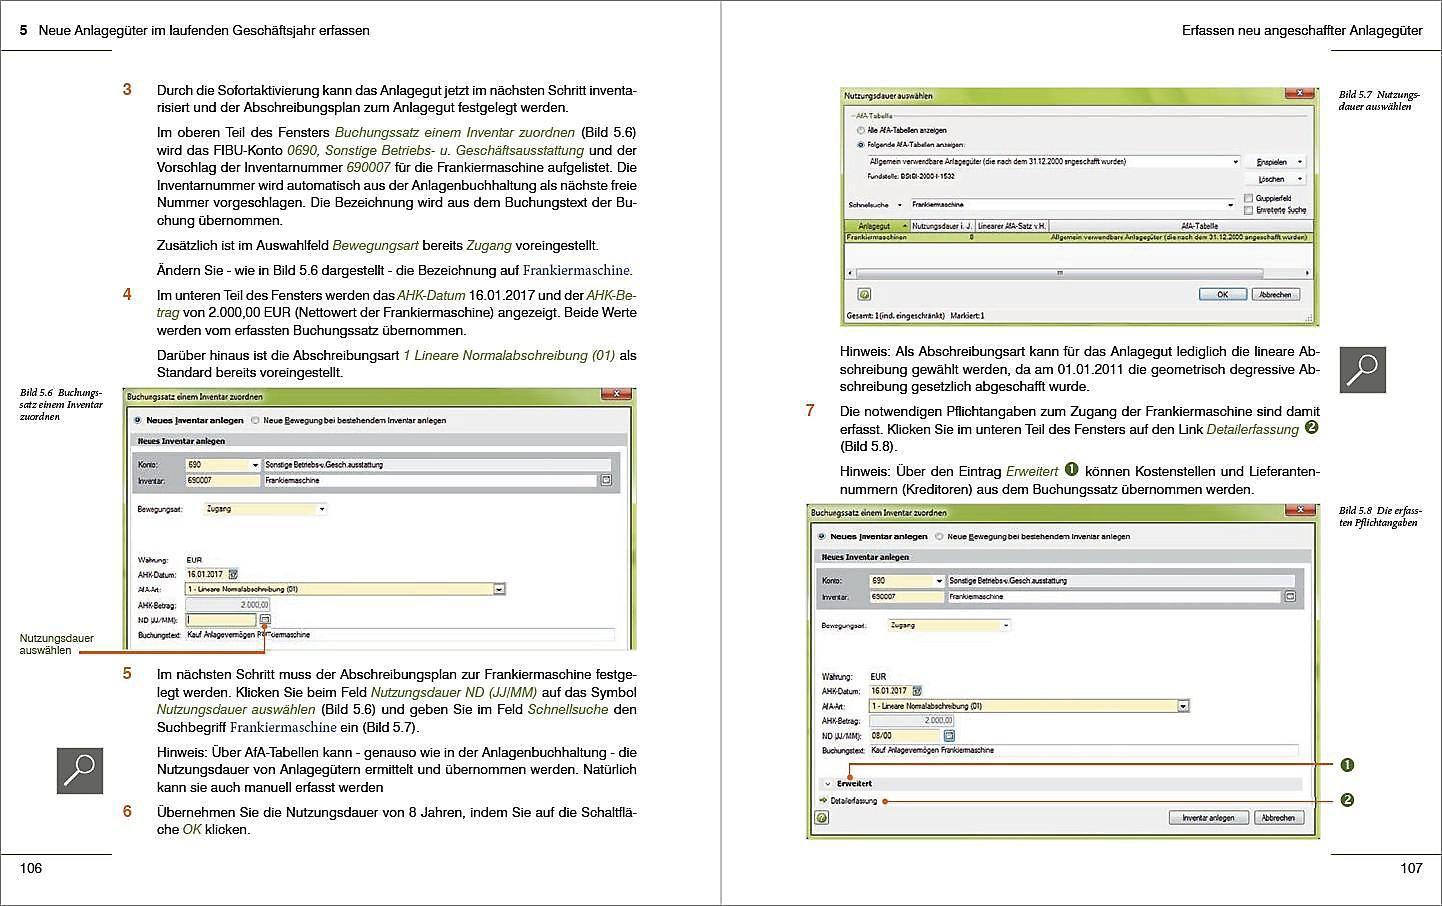 Prasicnahe Anlagenbuchhaltung Mit Datev Kanzlei Rechnungswesen Buch